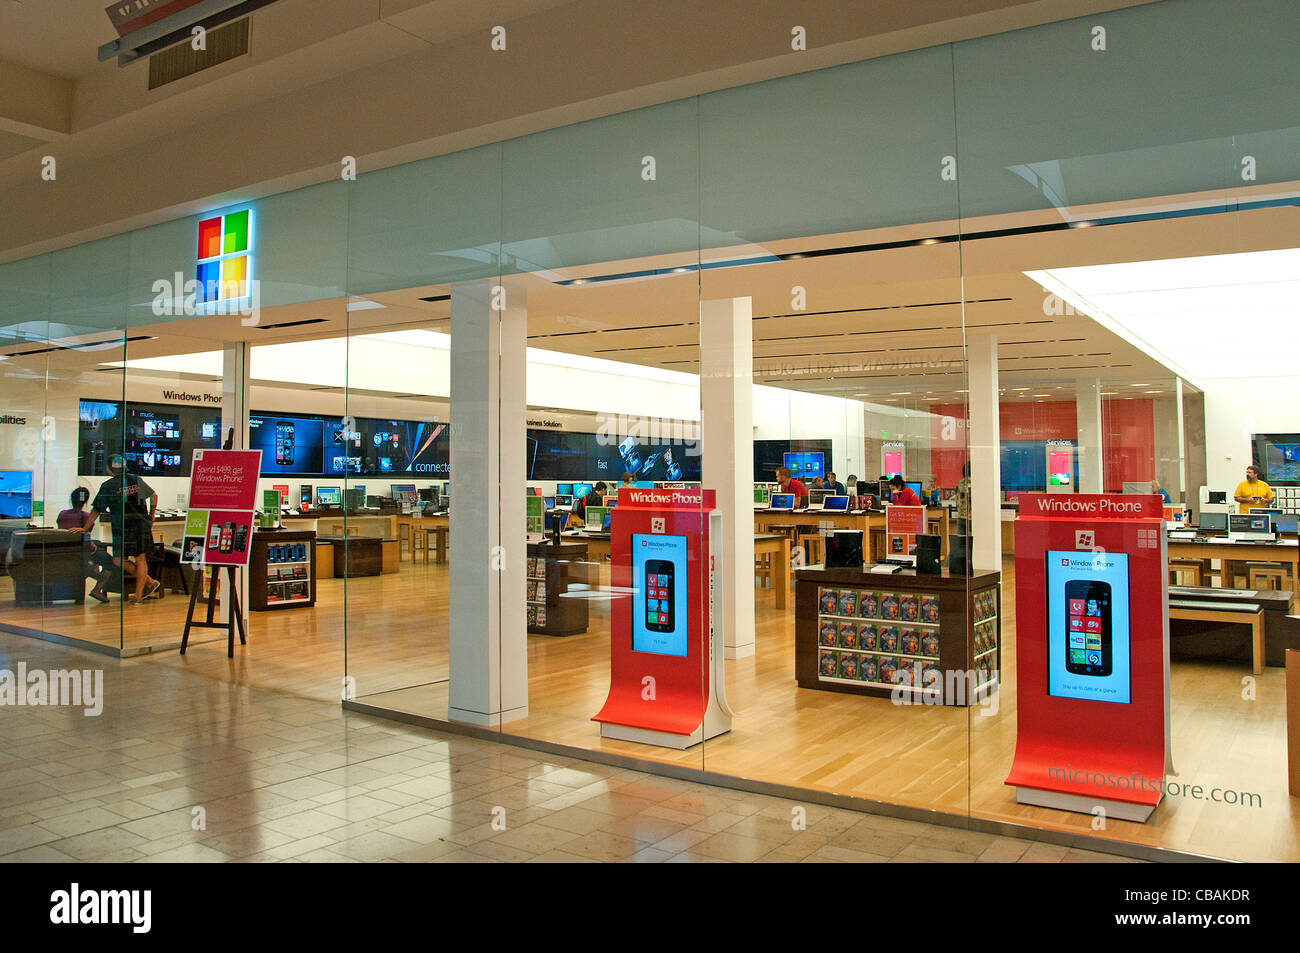 Microsoft Windows Phone shopping mall tienda equipo Estados Unidos Teléfono Imagen De Stock